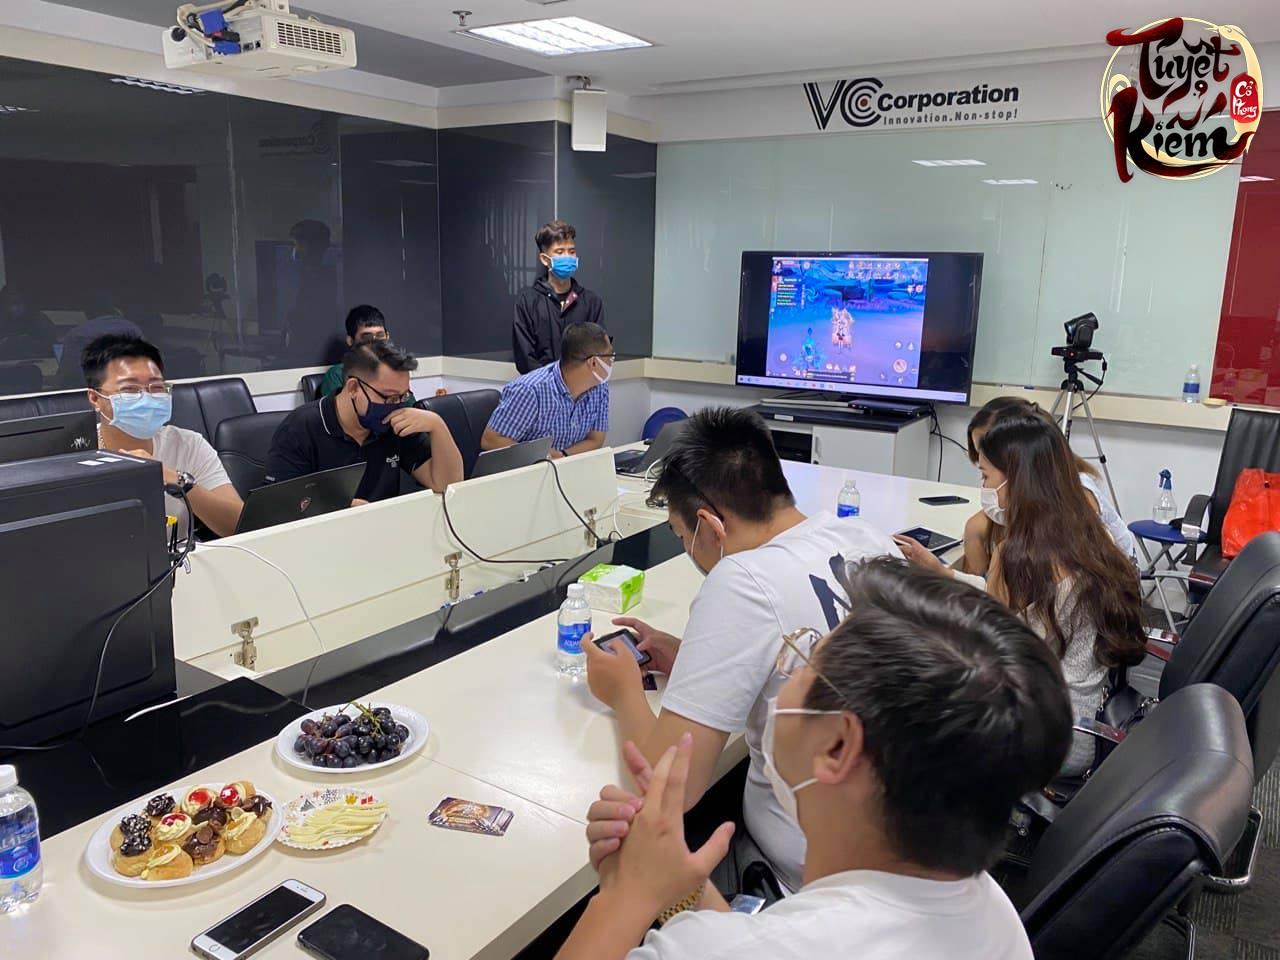 """Chính tay trải nghiệm, Tuyệt Kiếm Cổ Phong được """"bảo chứng"""" bởi loạt VIP khủng làng game: """"Đẹp không tì vết, PK tay xuất sắc!"""" - Ảnh 11."""